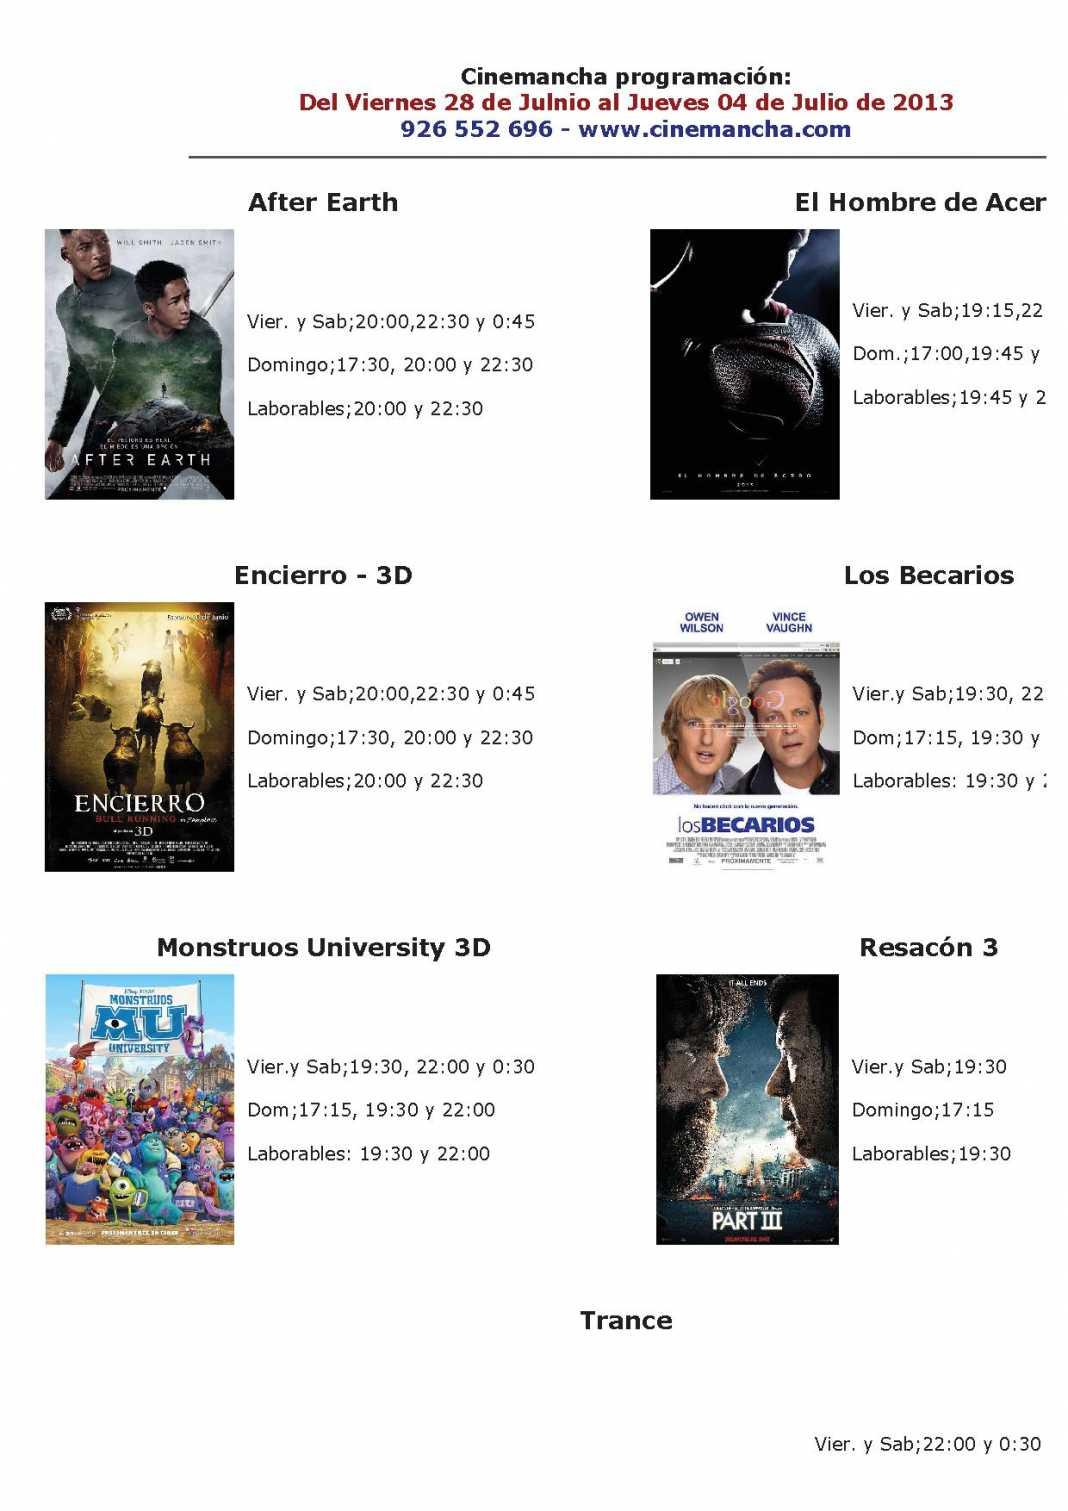 Programación Cinemancha del 28 de junio al 4 de julio 1